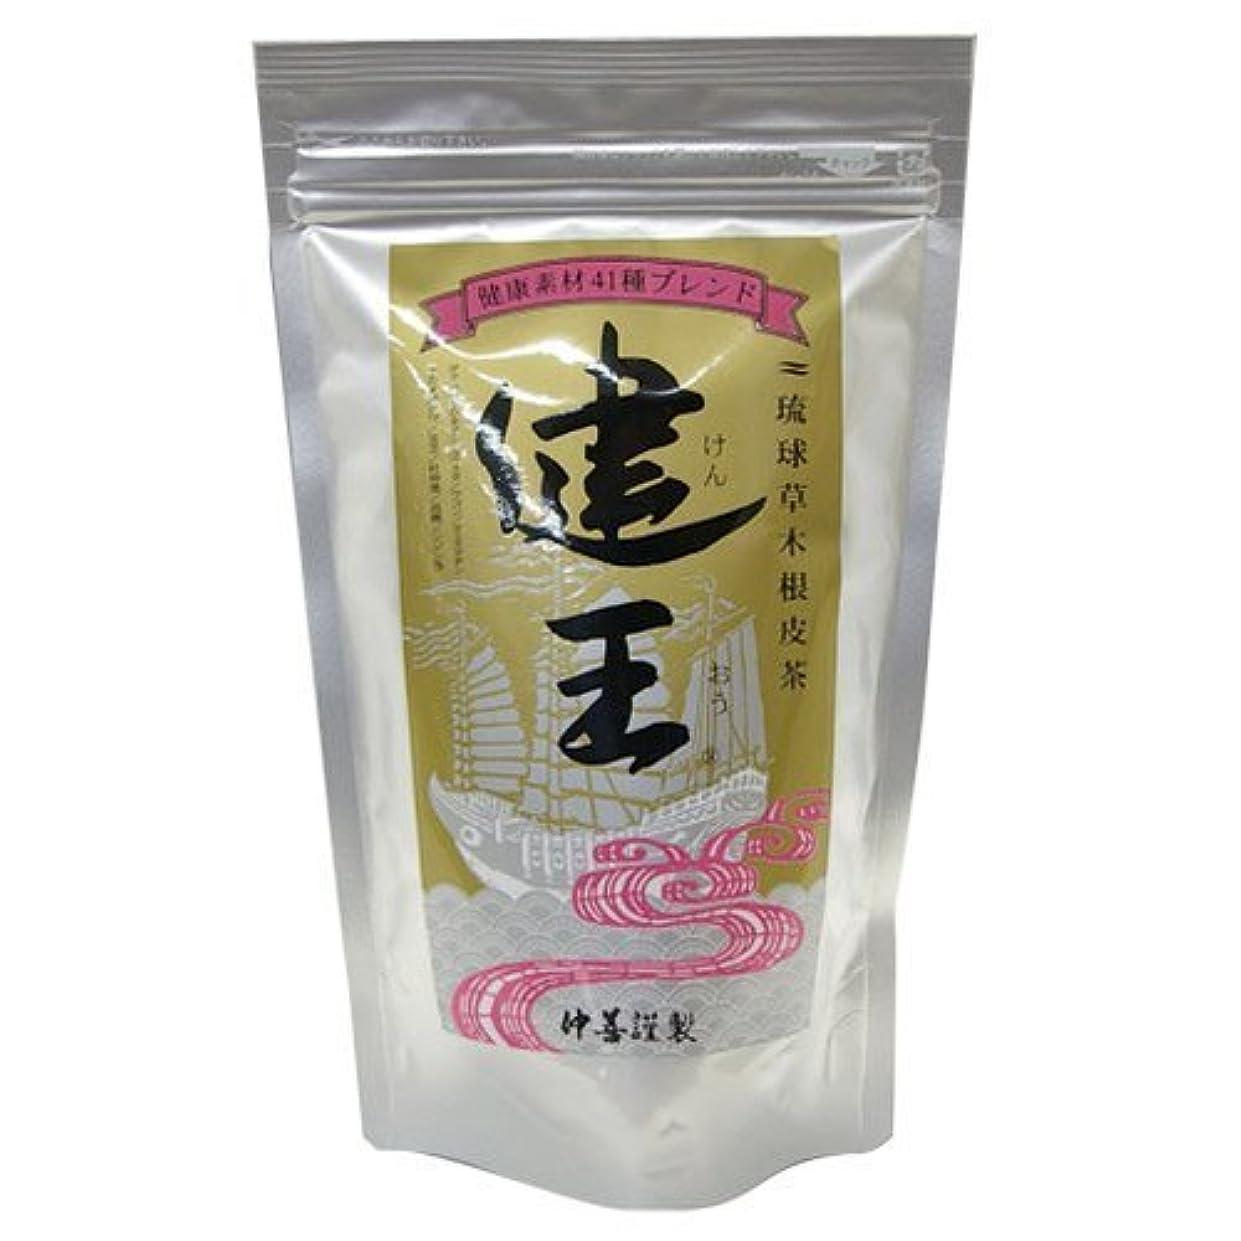 印象的な夜間爵琉球草木根皮茶 健王 ティーバッグ 2g×30包